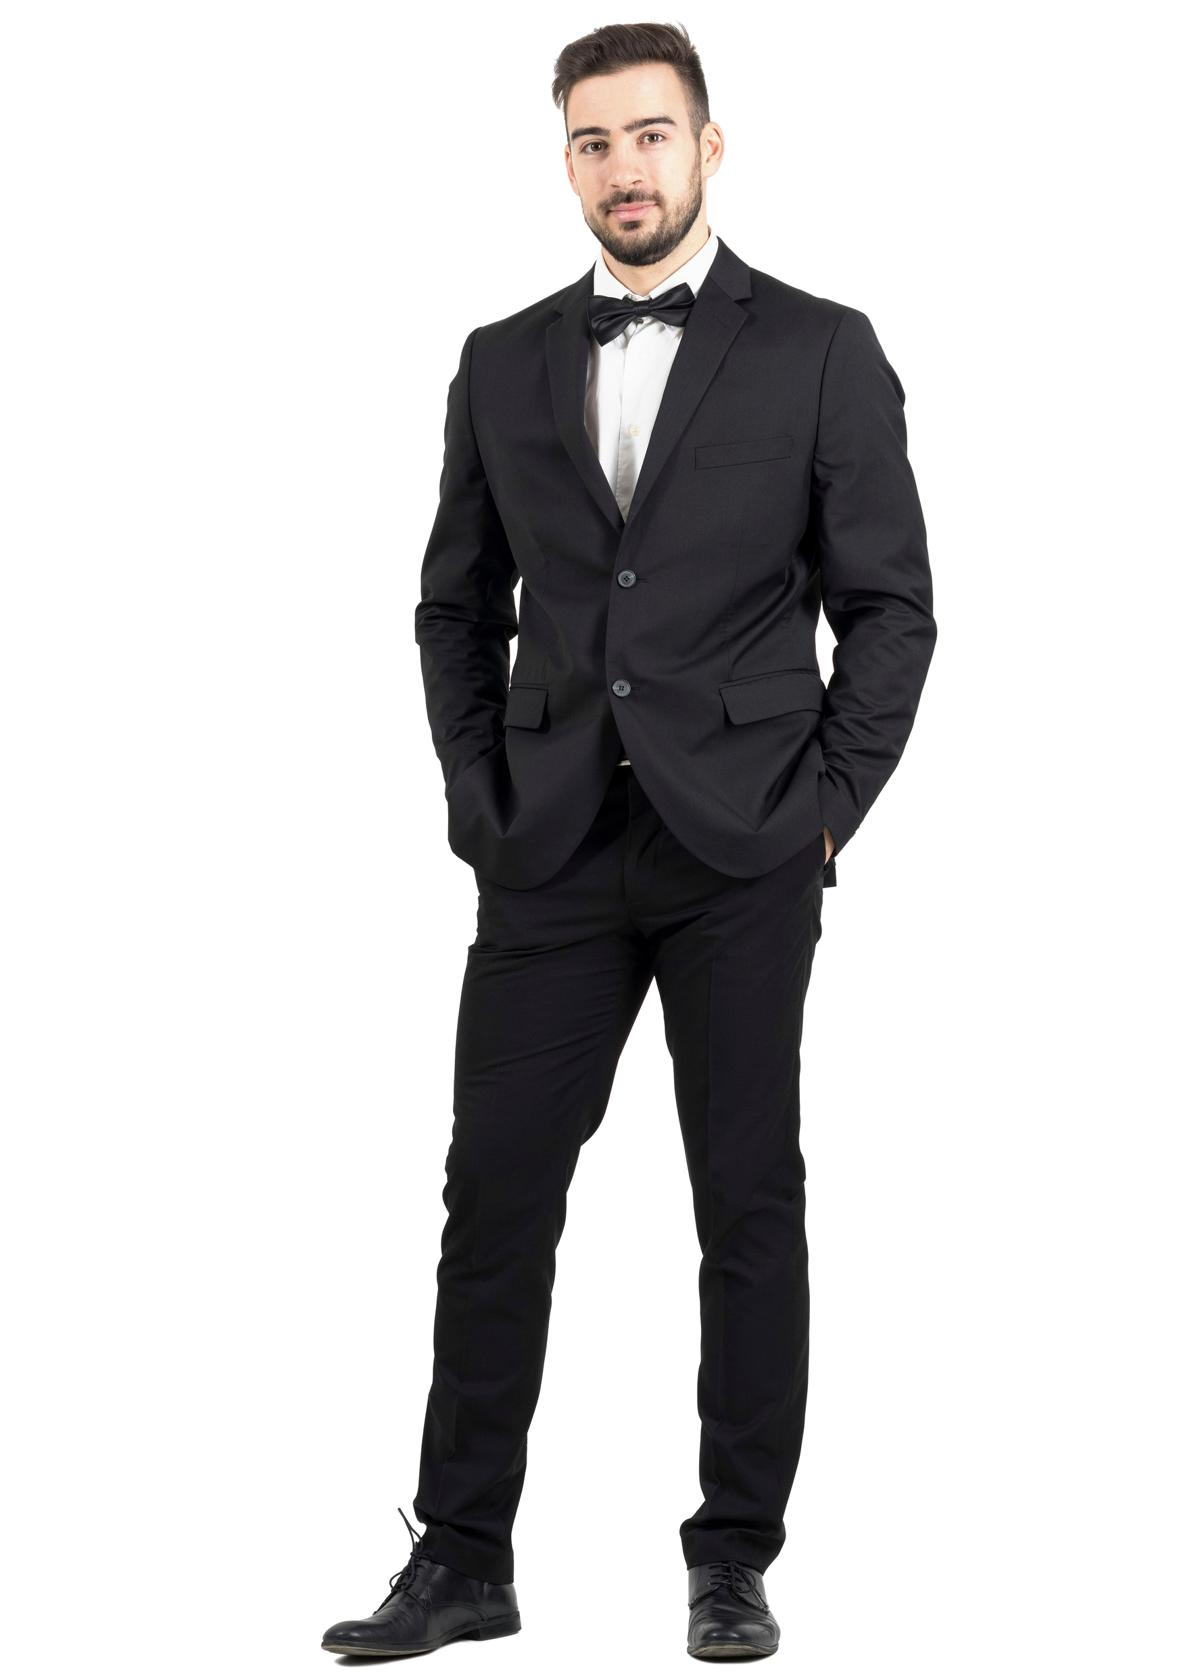 8 Dicas de vestuários para convidados em casamento